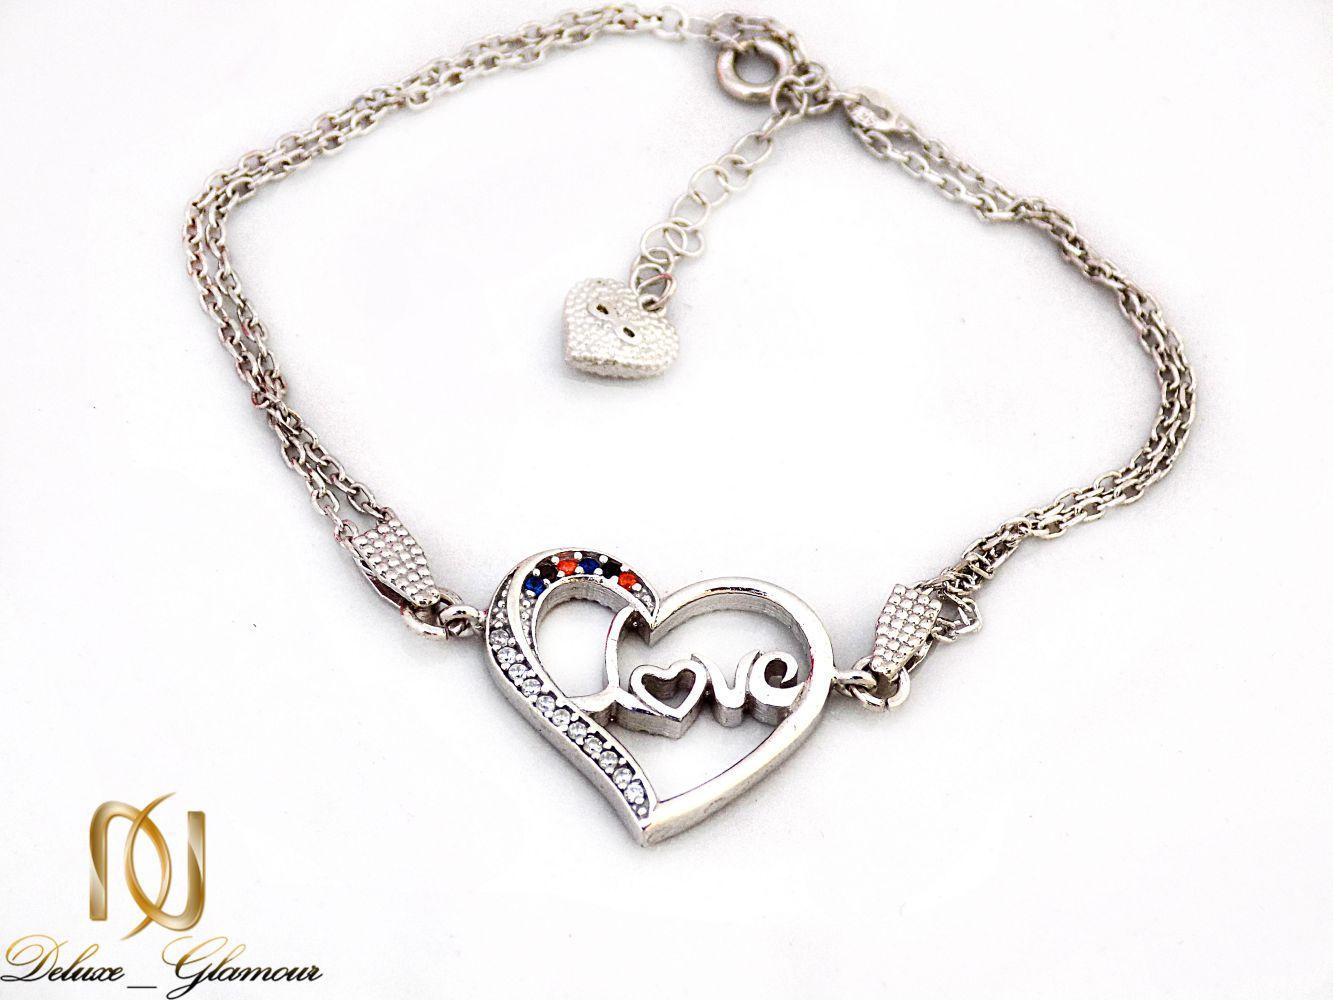 دستبند نقره دخترانه طرح قلب با نگین برلیان اتمی ds-n247